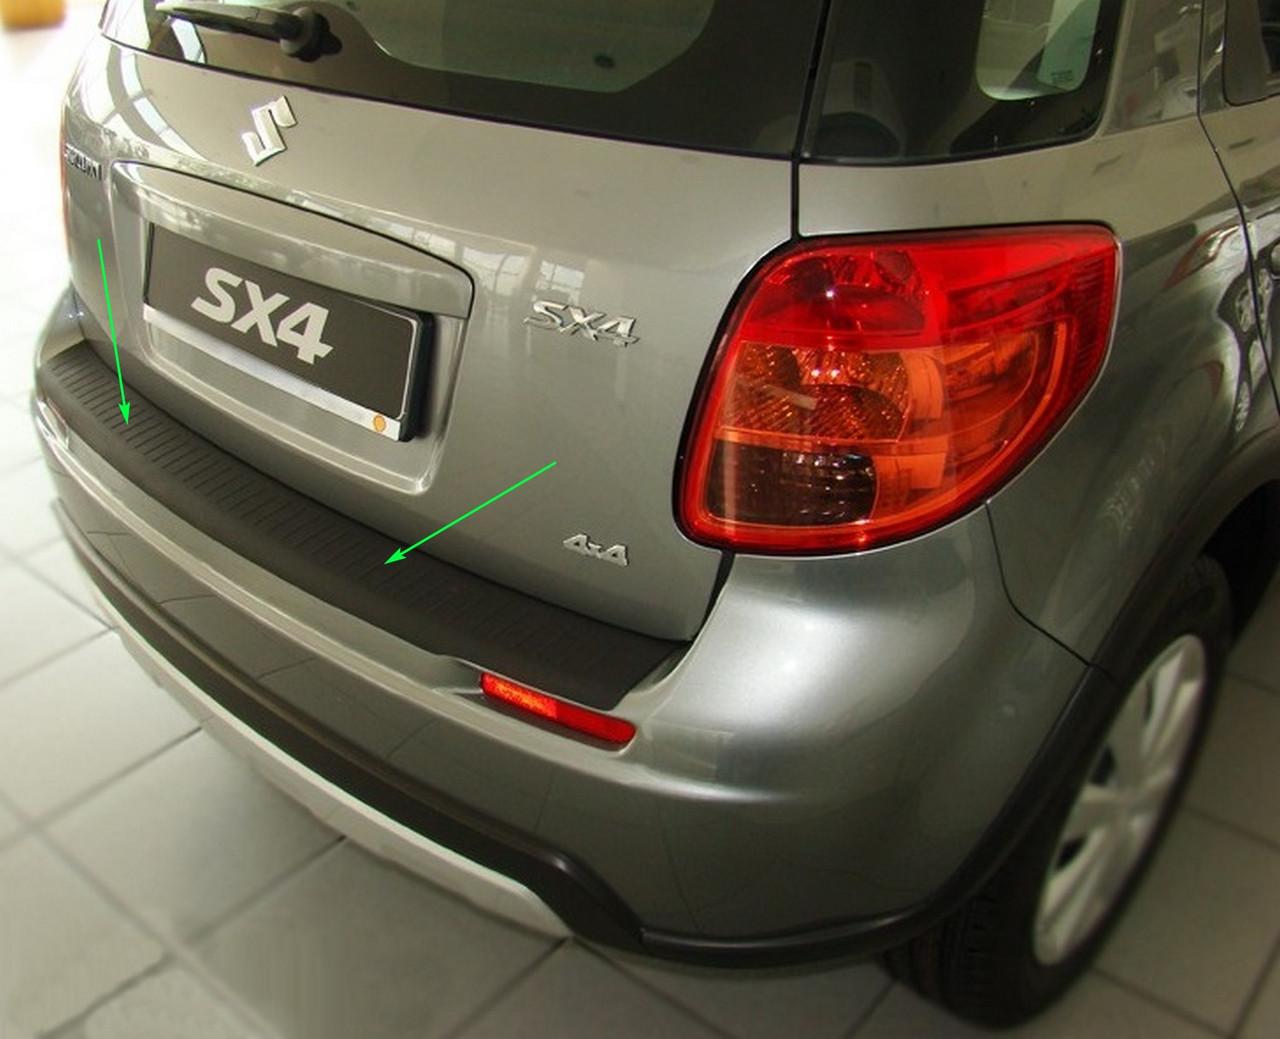 Пластикова захисна накладка заднього бампера для Suzuki SX4 2006-2013, фото 3